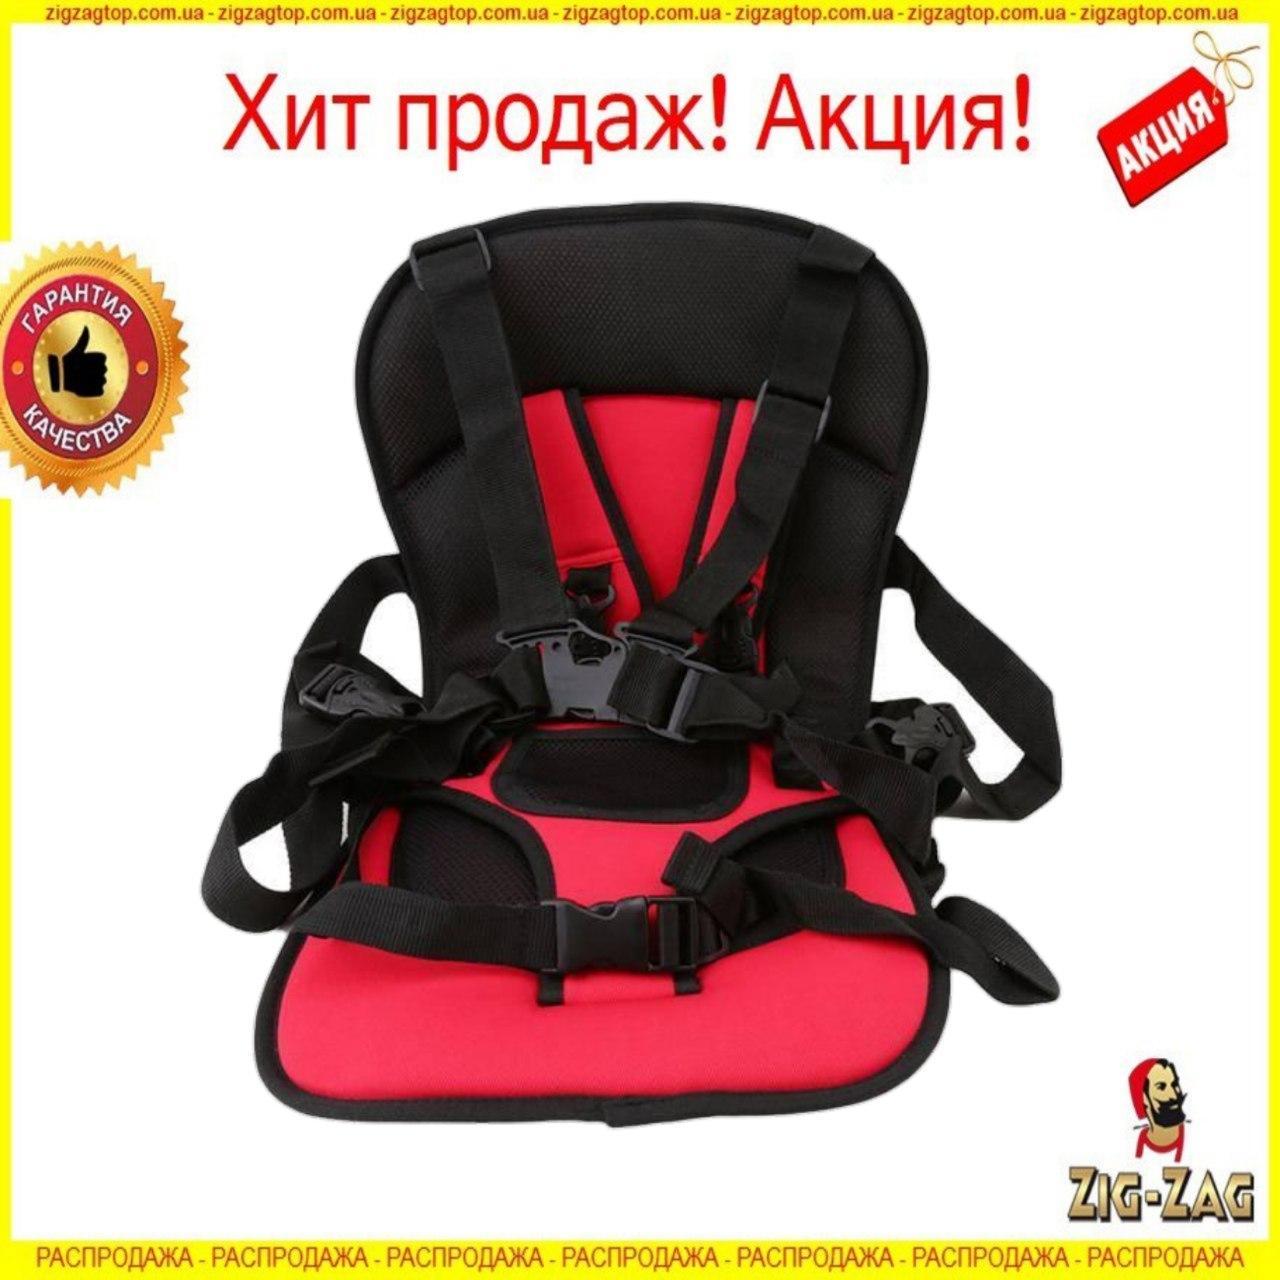 Автомобильное Детское Кресло Multi Function Car Cushion в Машину с Подголовником Для Детей Автокресло Авто ХИТ